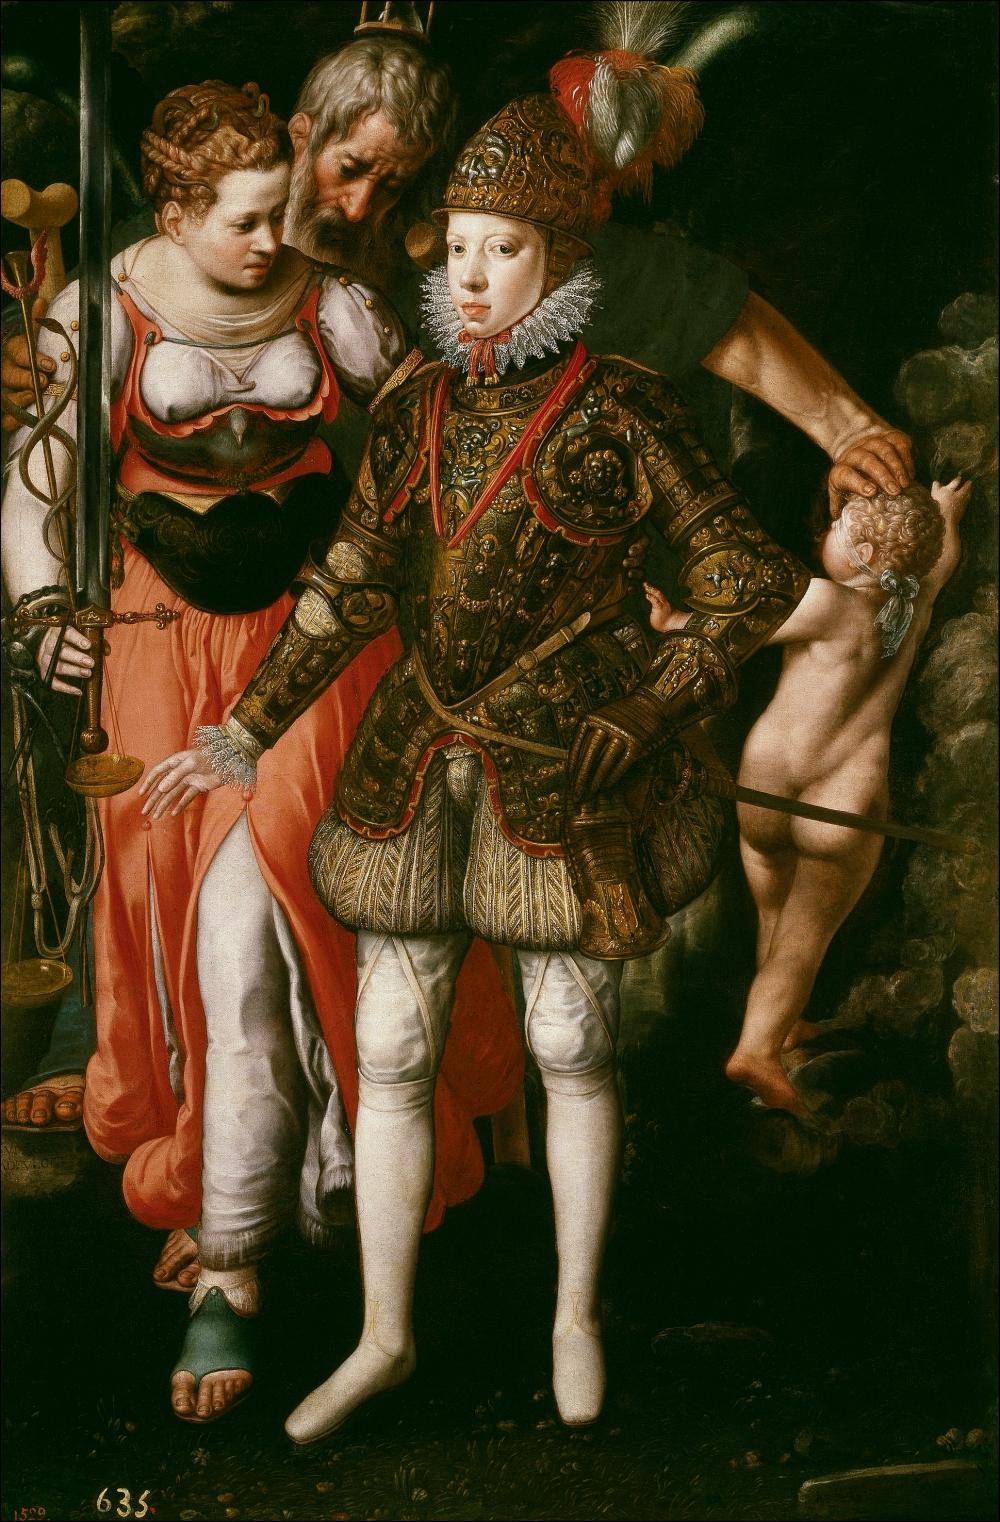 Justus Tiel. Alegoría de la educación de Felipe III. Hacia 1590. Museo Nacional del Prado. Madrid.